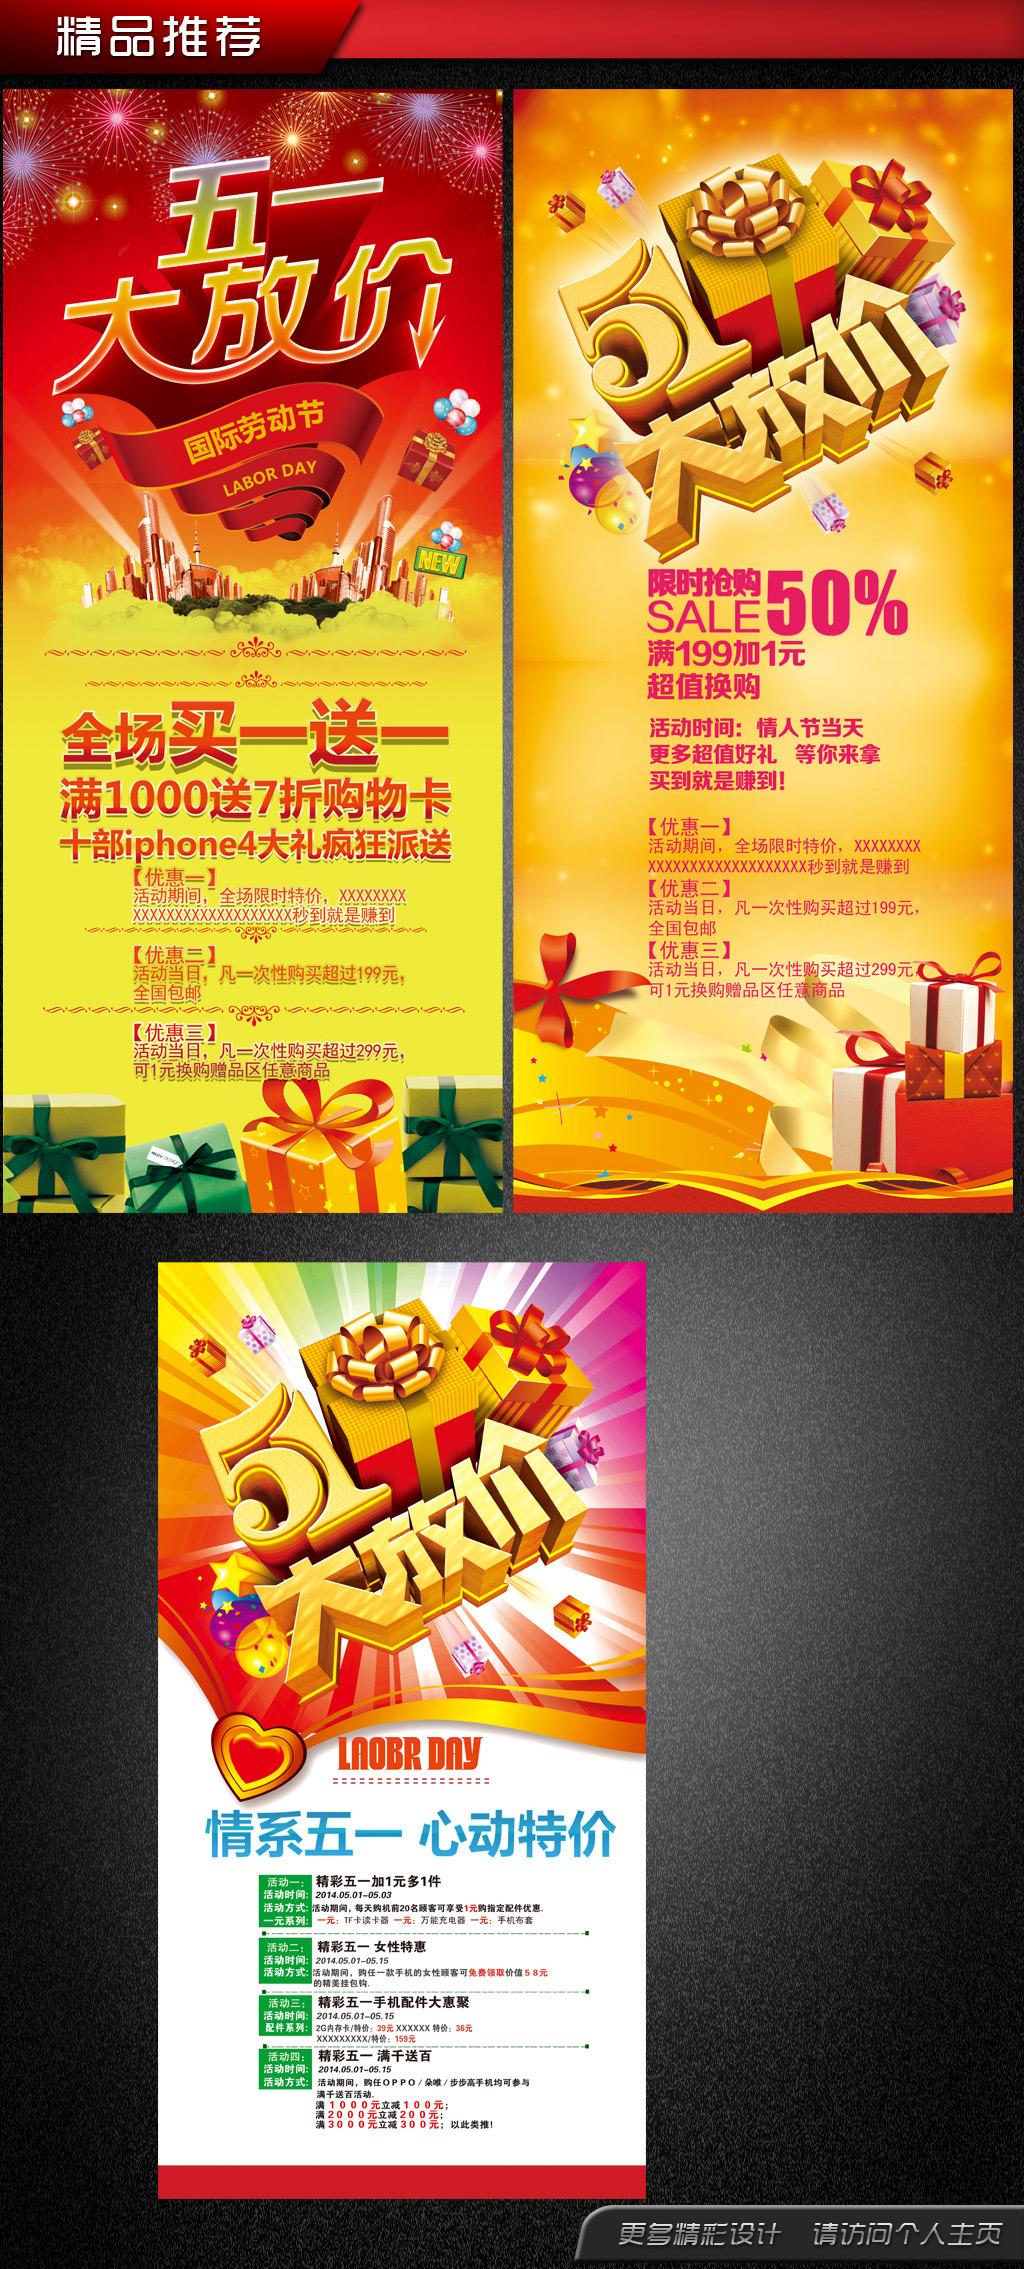 51劳动节活动促销海报易拉宝模板下载(图片编号:)_节